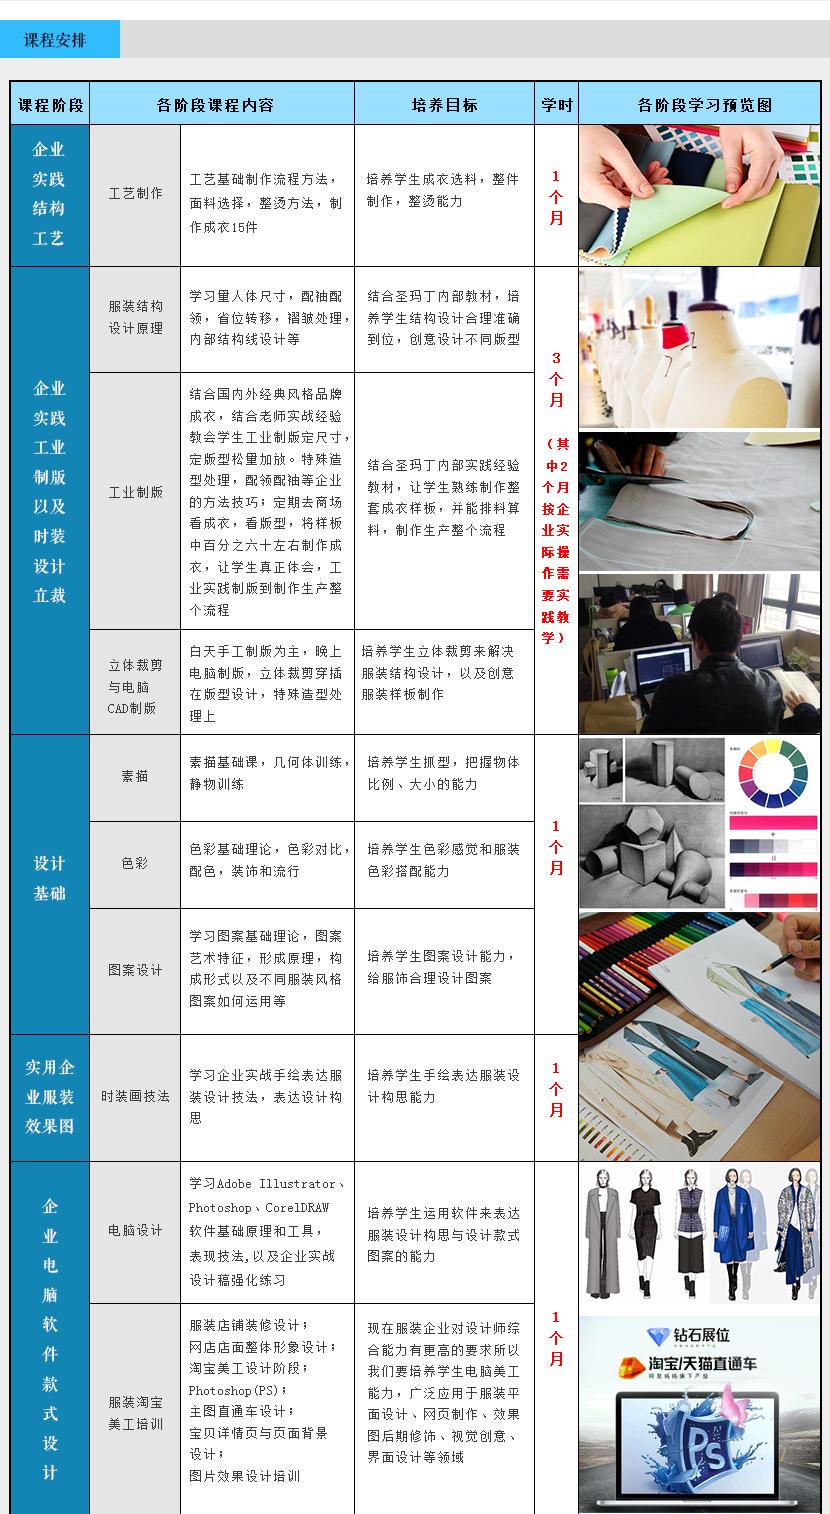 萧山杭州服装色彩搭配培训机构哪个好